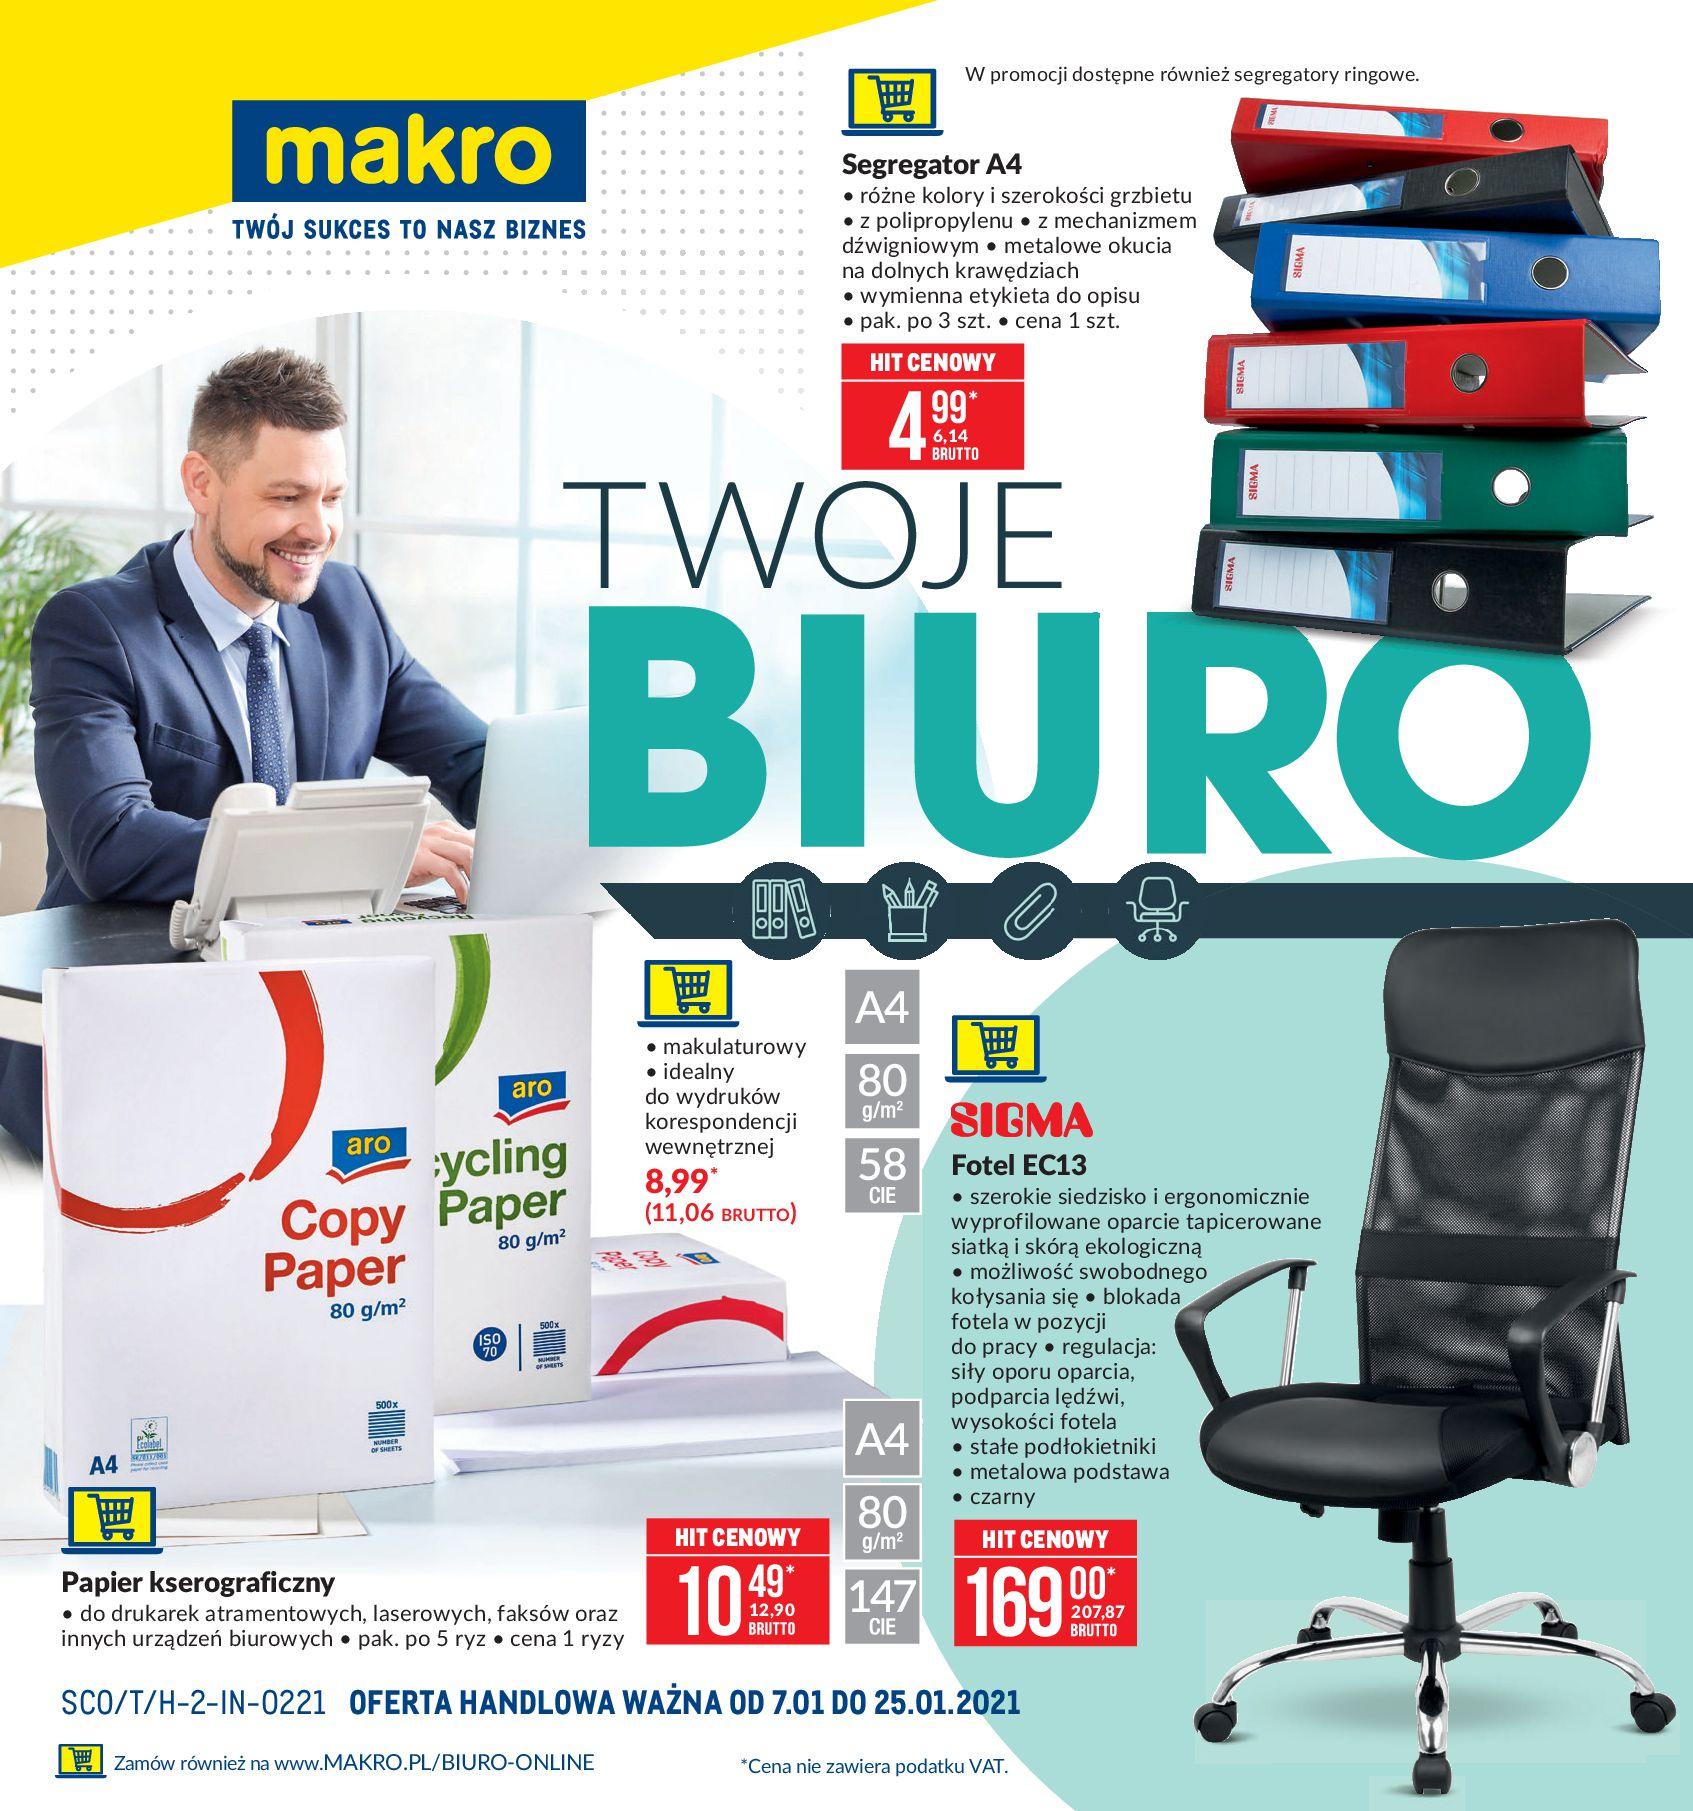 Gazetka Makro: Twoje biuro 2021-01-07 page-1